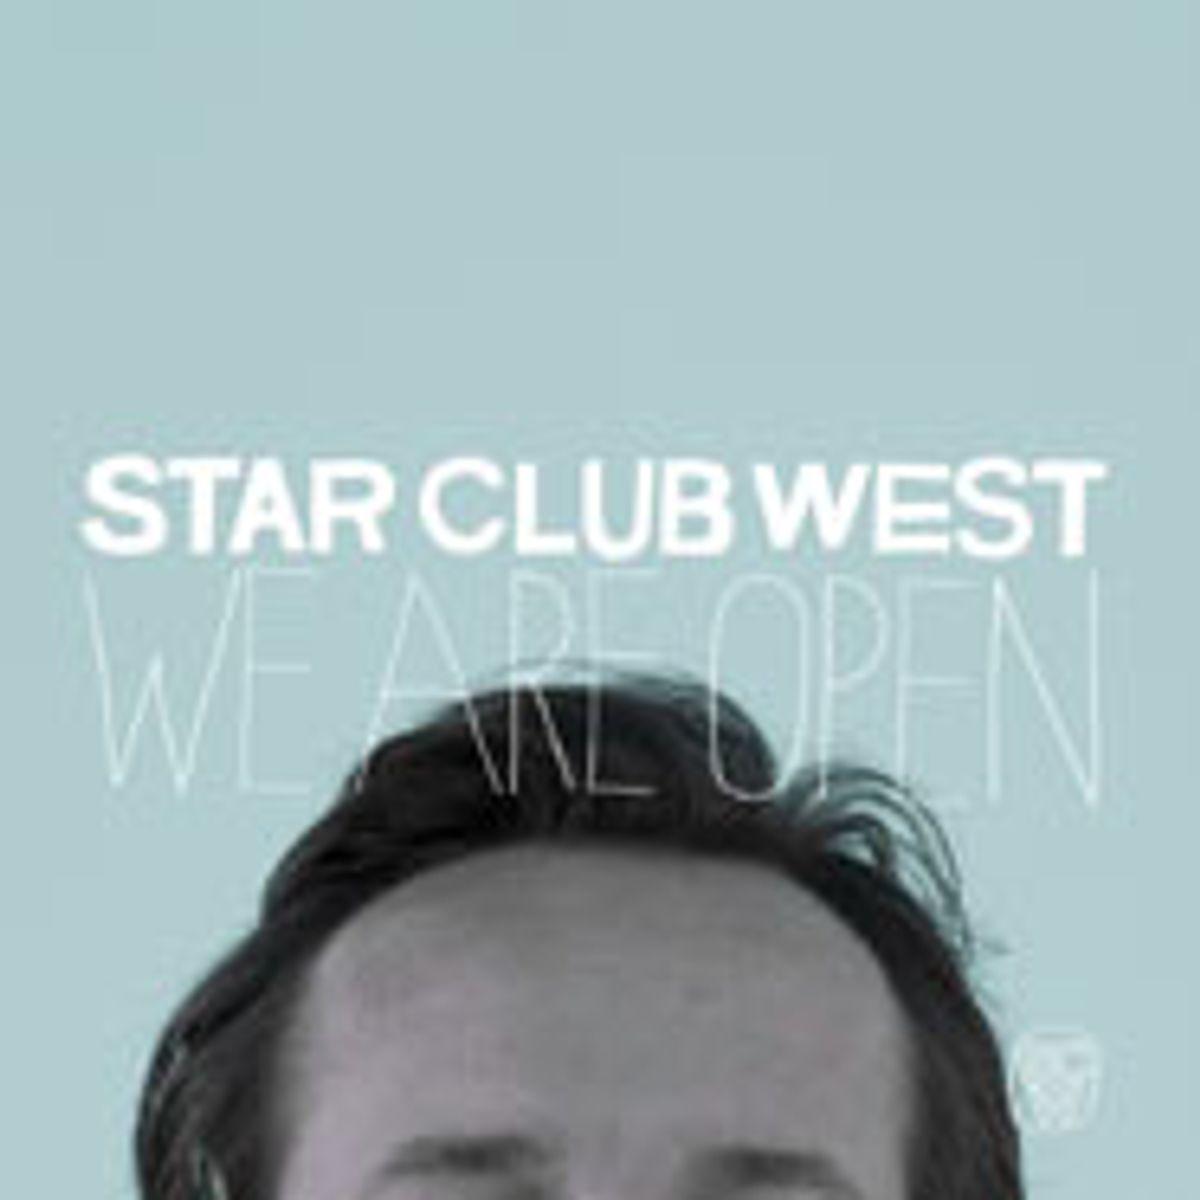 Star Club West